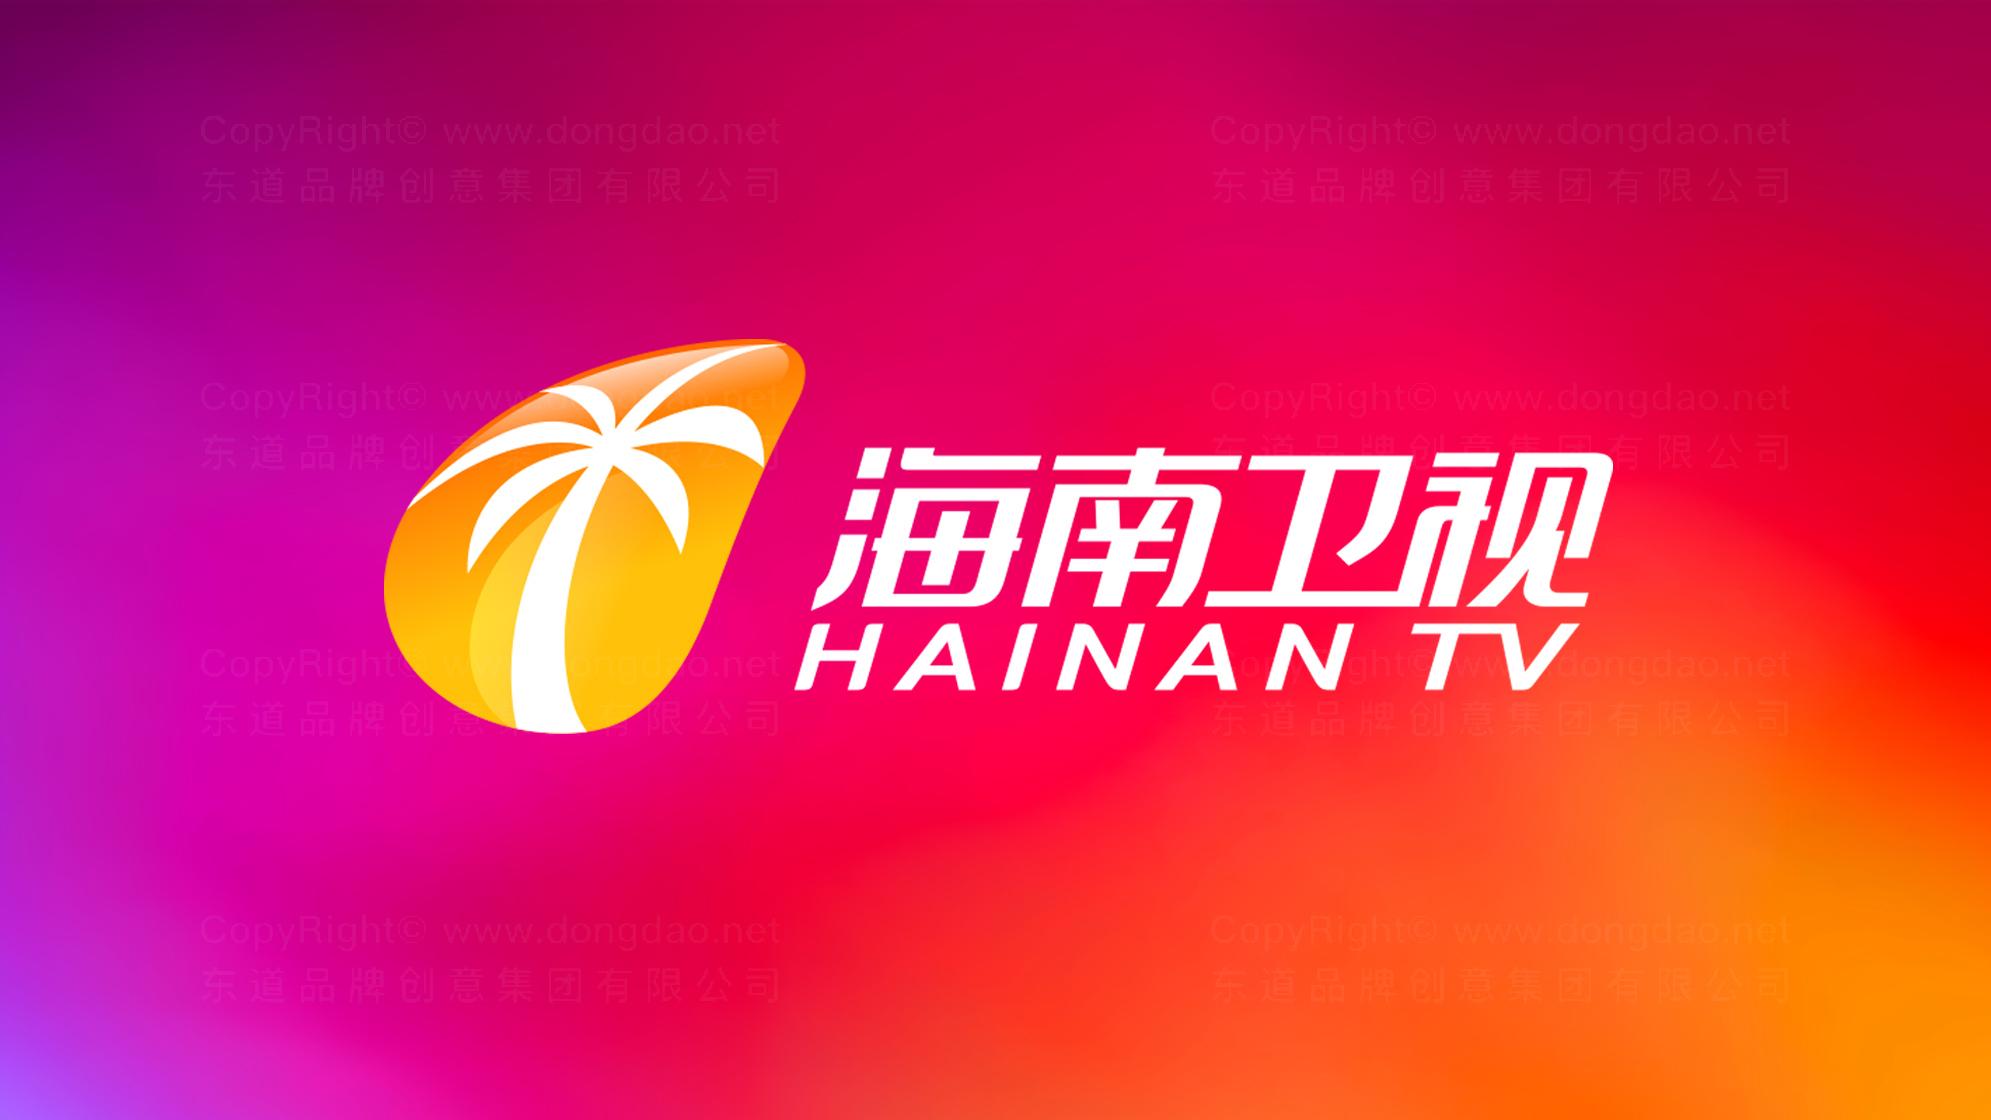 品牌设计案例海南卫视标志设计